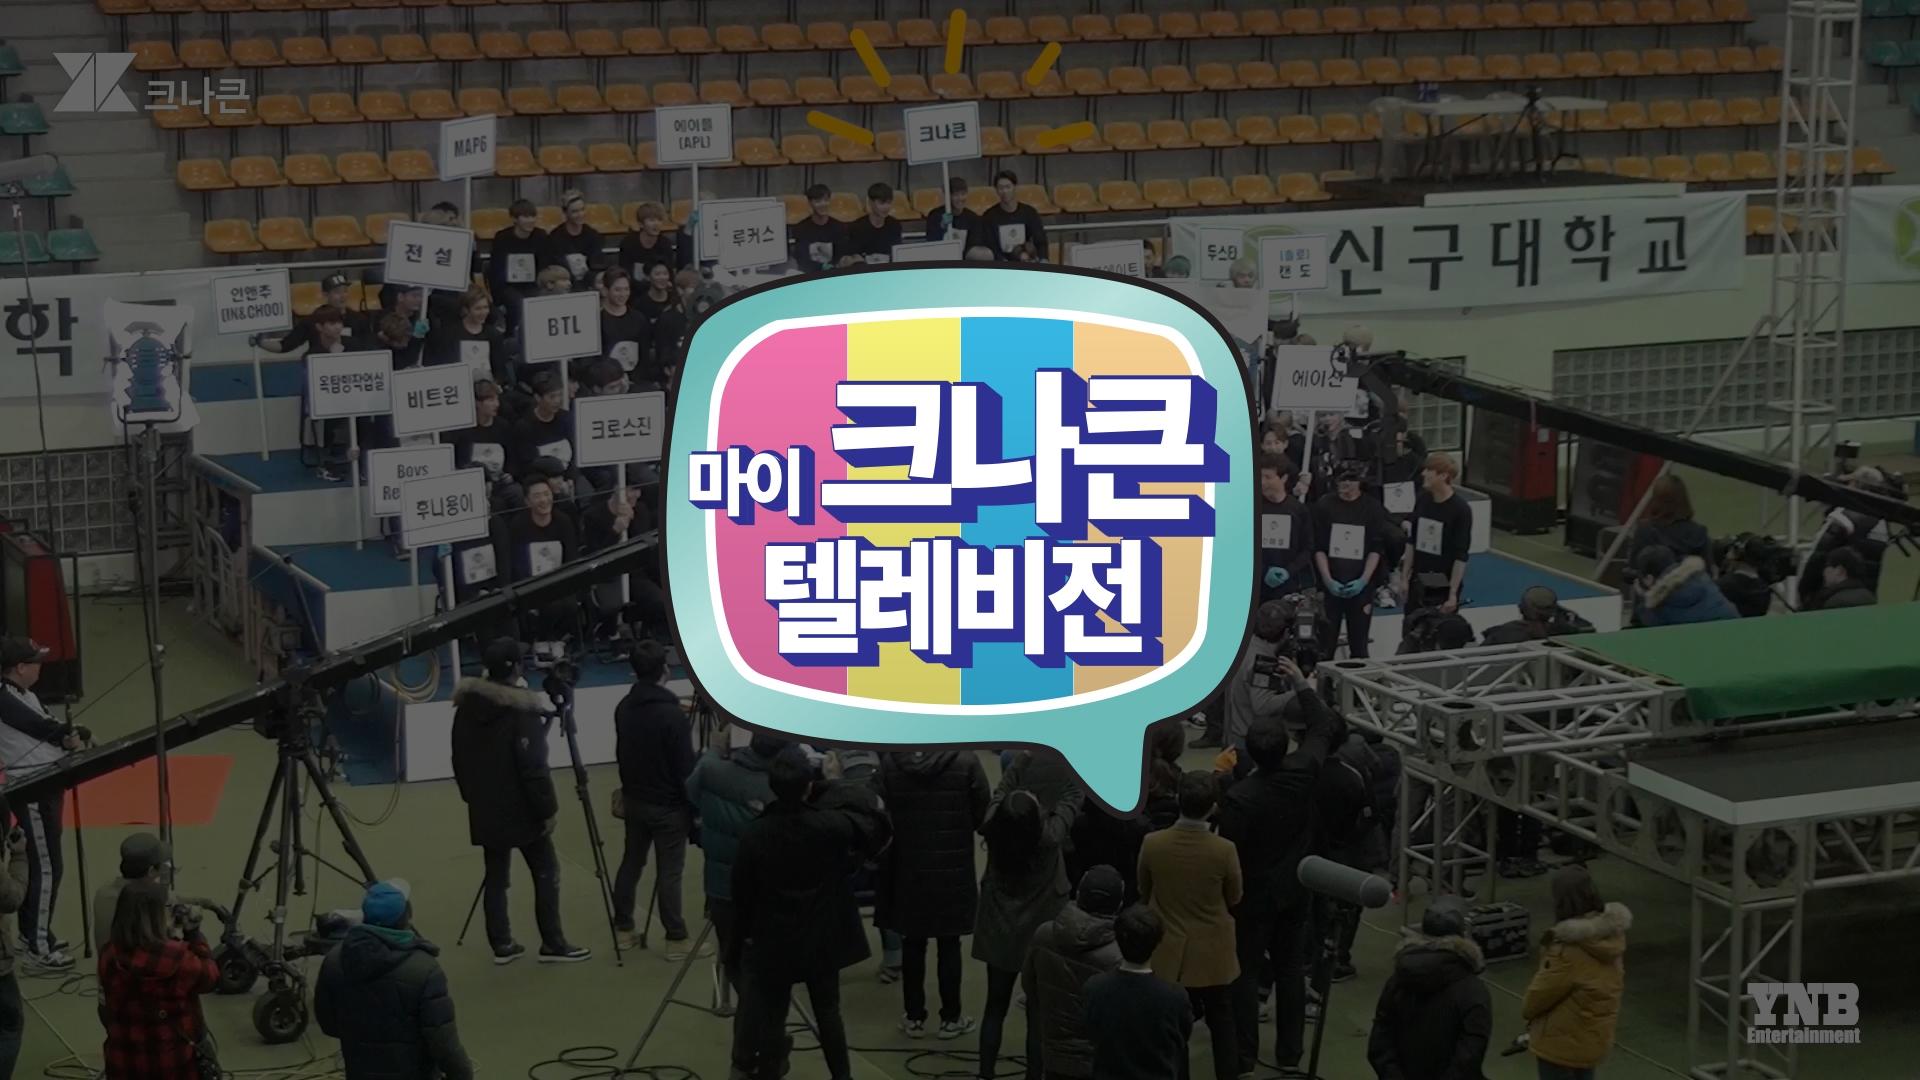 [마이 크나큰 텔레비전] #18 크나큰(KNK) 출발드림팀 유진,인성(YouJin,InSeong)